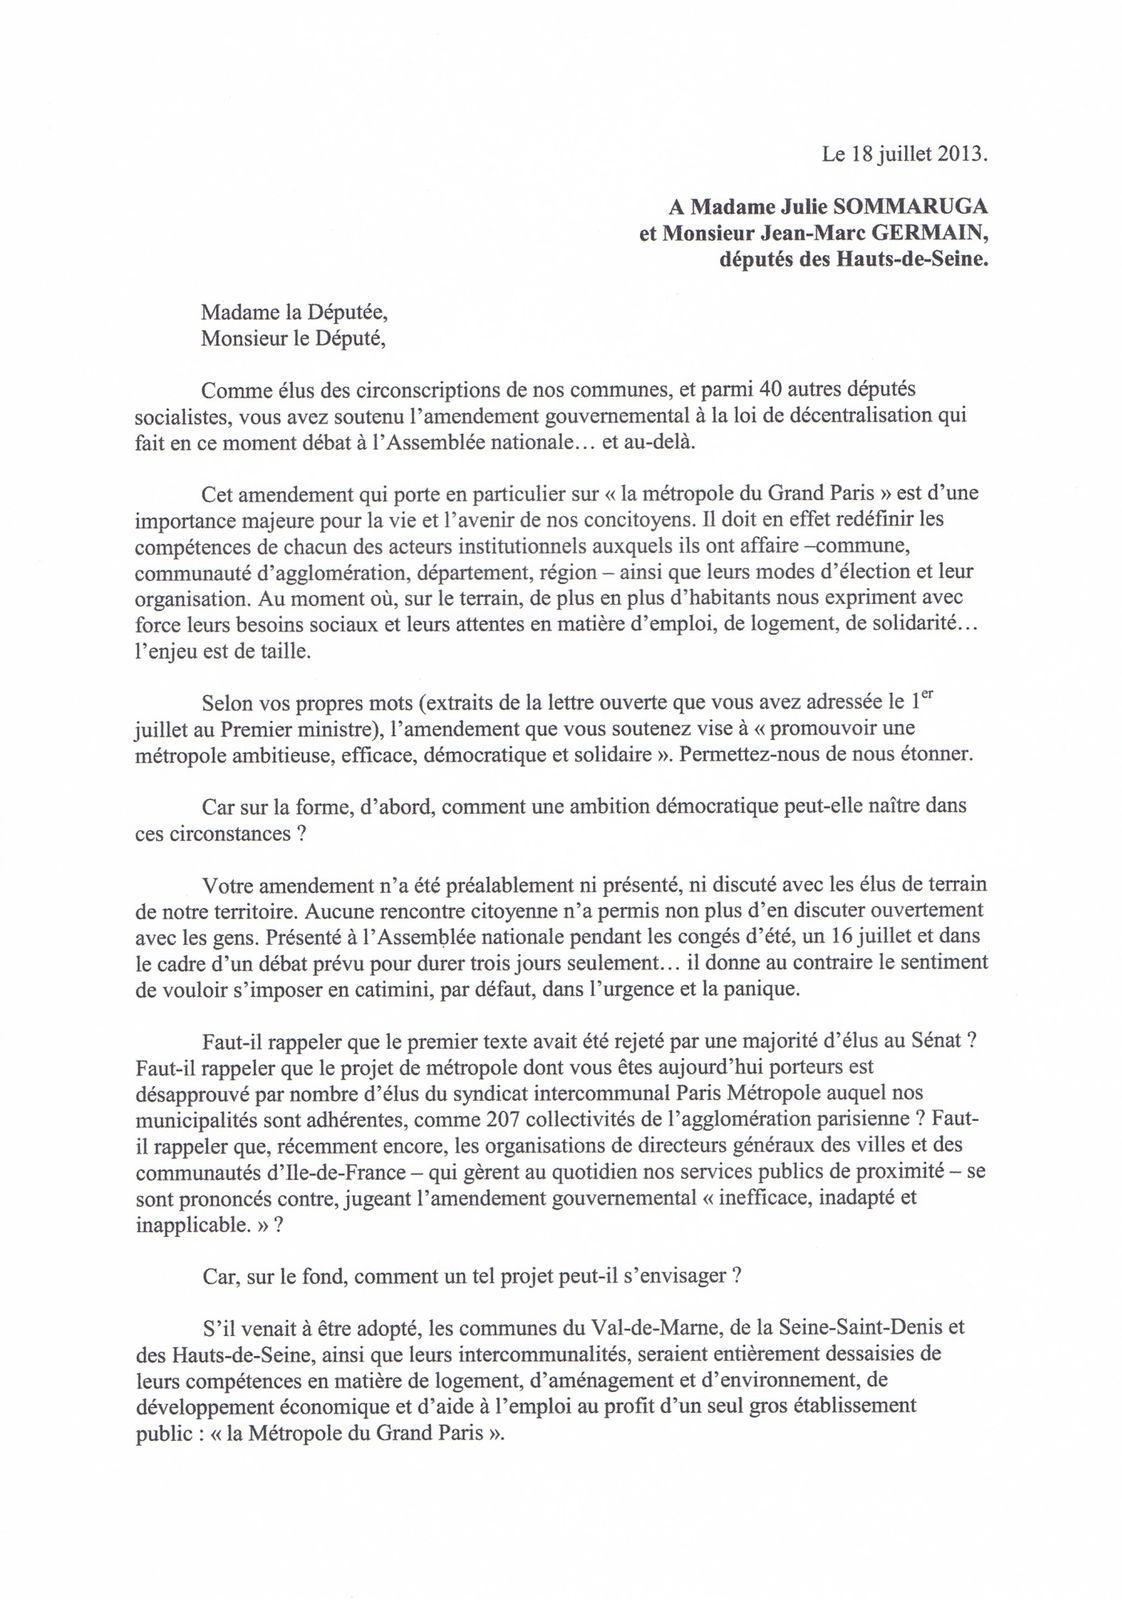 Méropole du Grand Paris: à projet autoritaire, méthode autoritaire